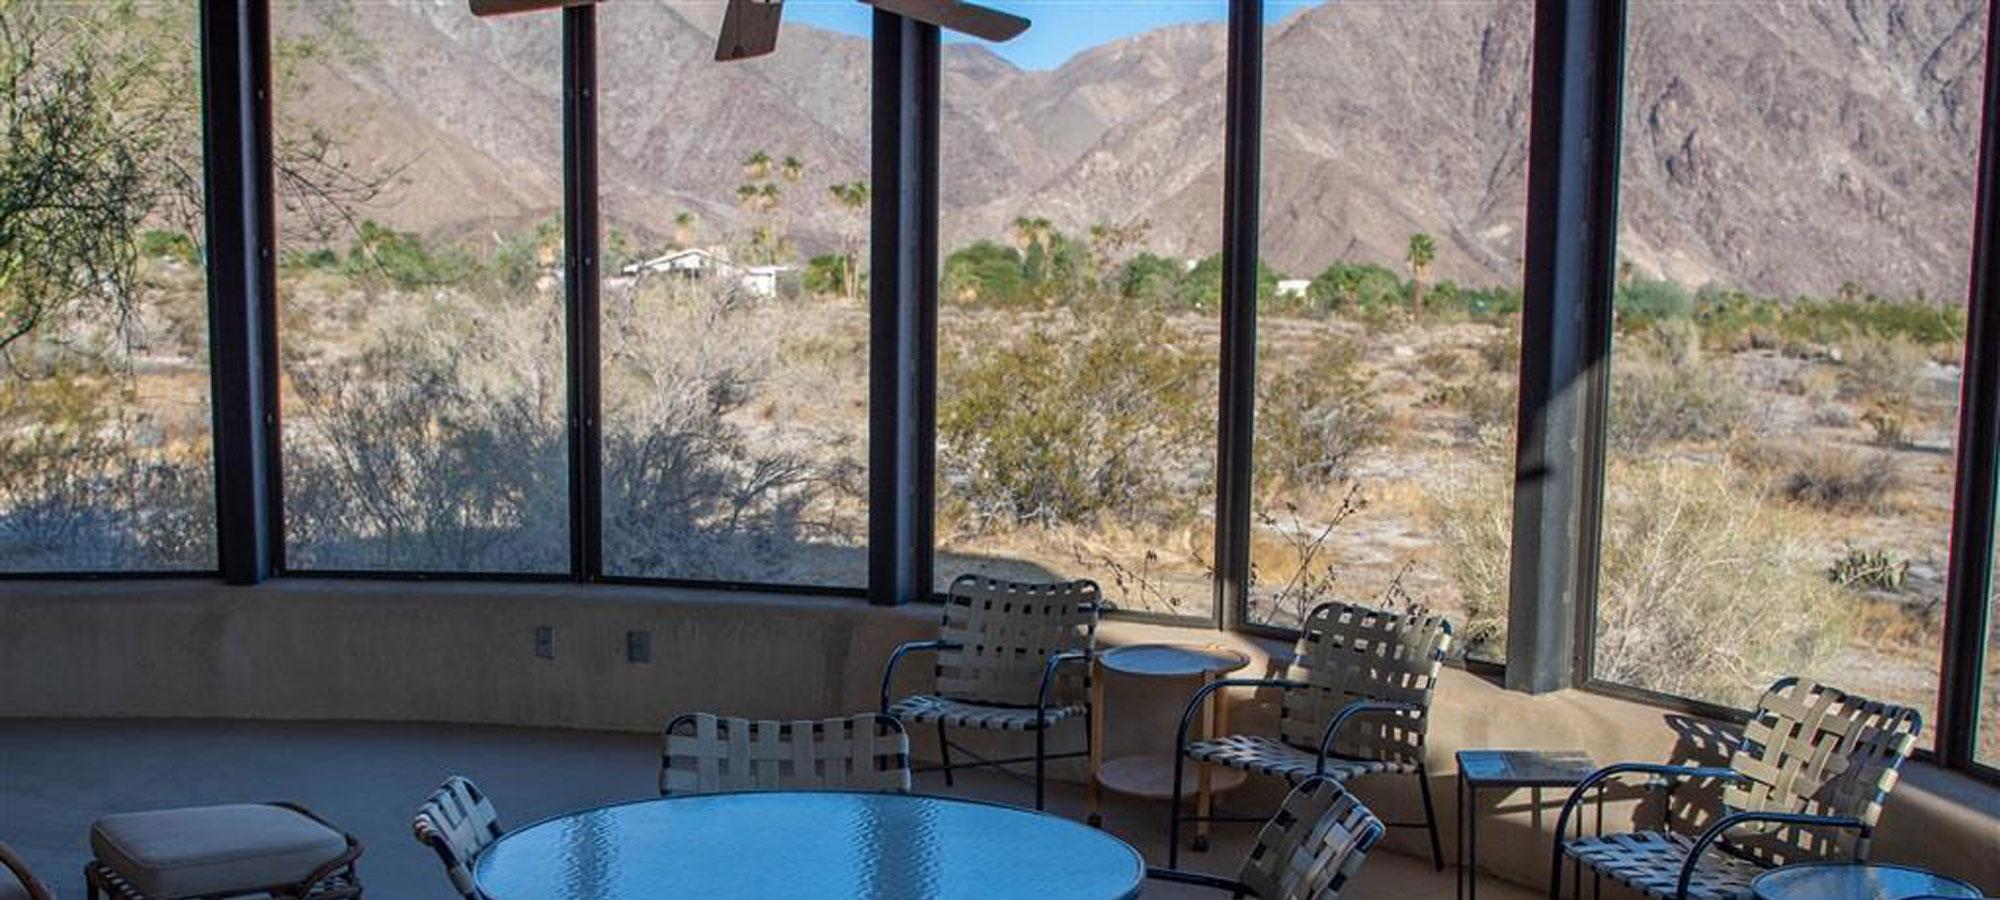 375 Verbena Dr. Borrego Springs, CA 92004